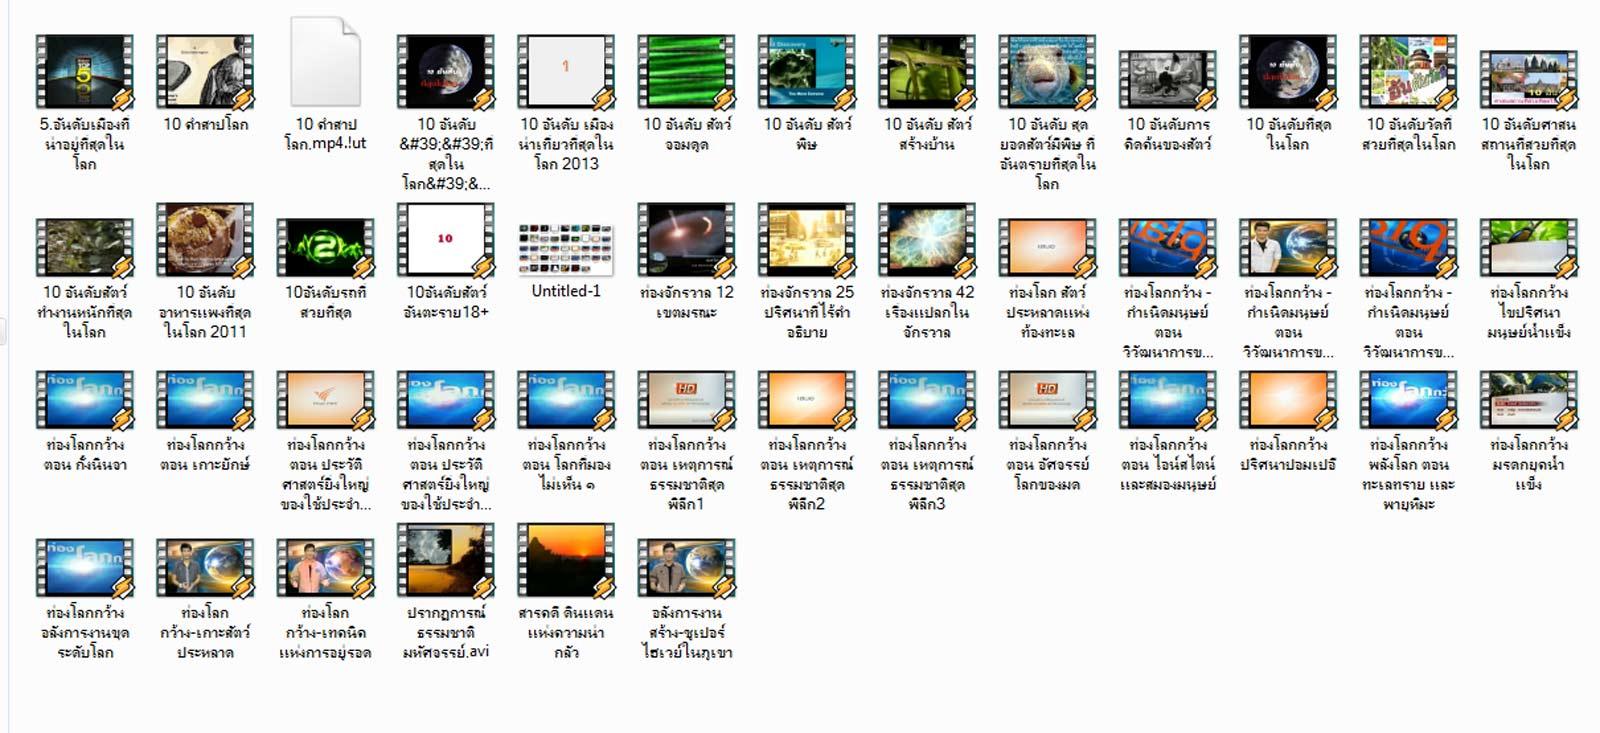 2516 รวมสุดยอดสารคดี ช่อง TPBS และ Discovery Channel (ภาษาไทย) 2DVD (.mp4)